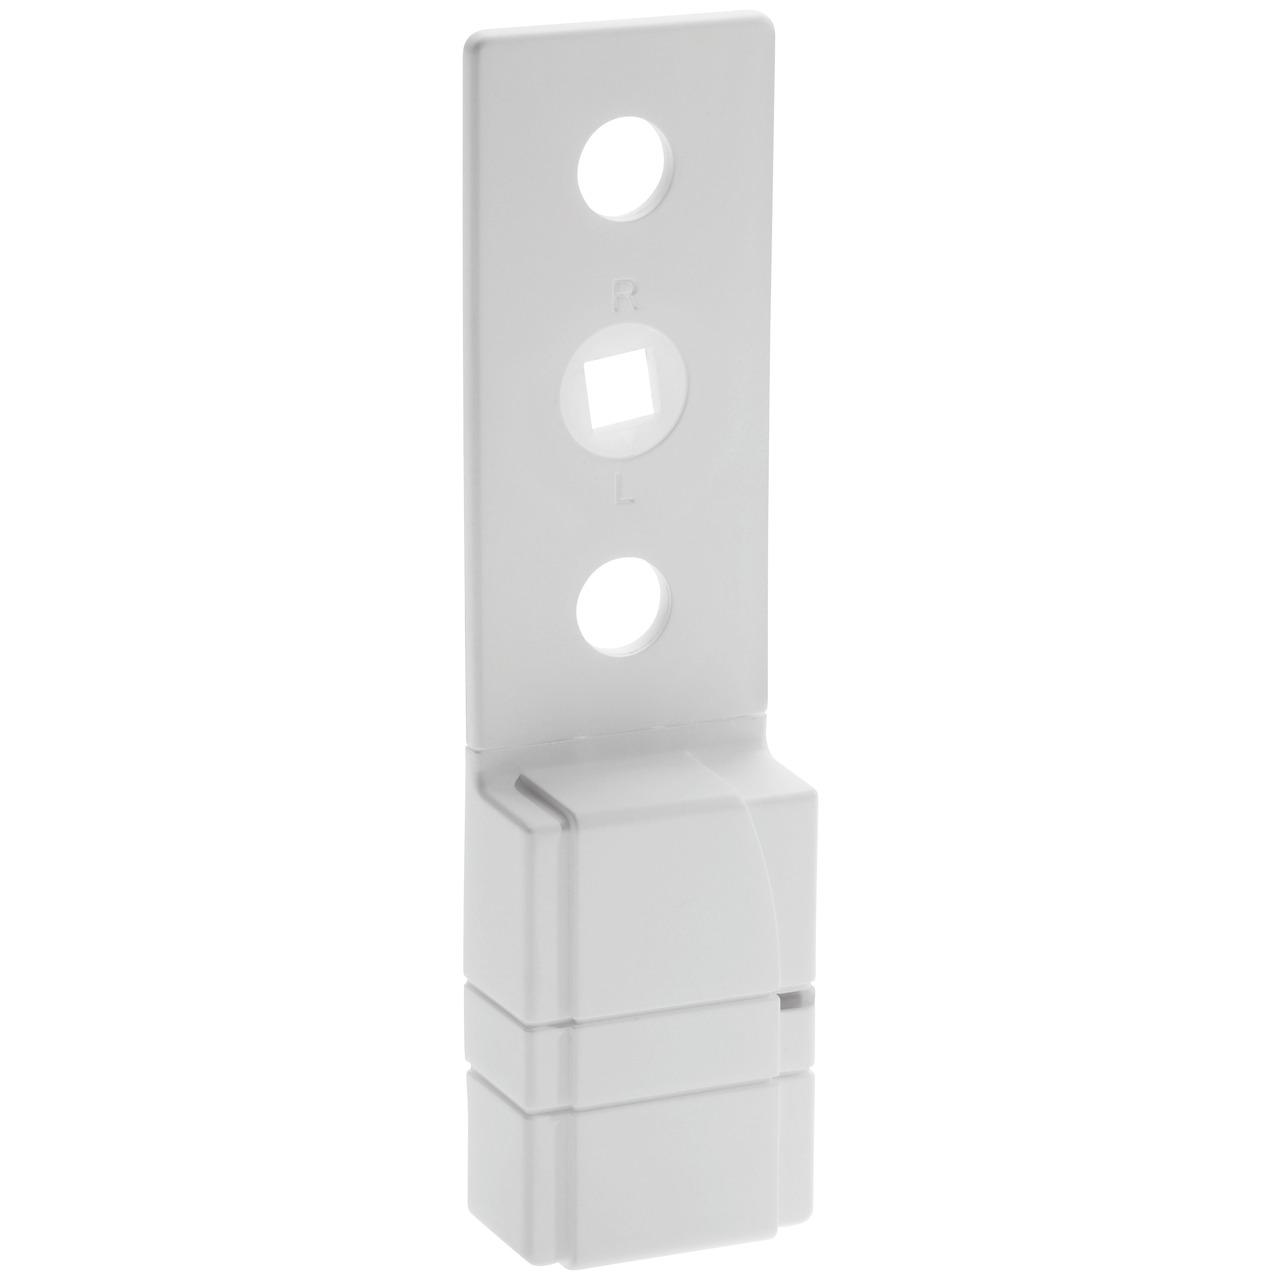 Homematic Funk-Fenster-Drehgriffkontakt HM-Sec-RHS für Smart Home - Hausautomation